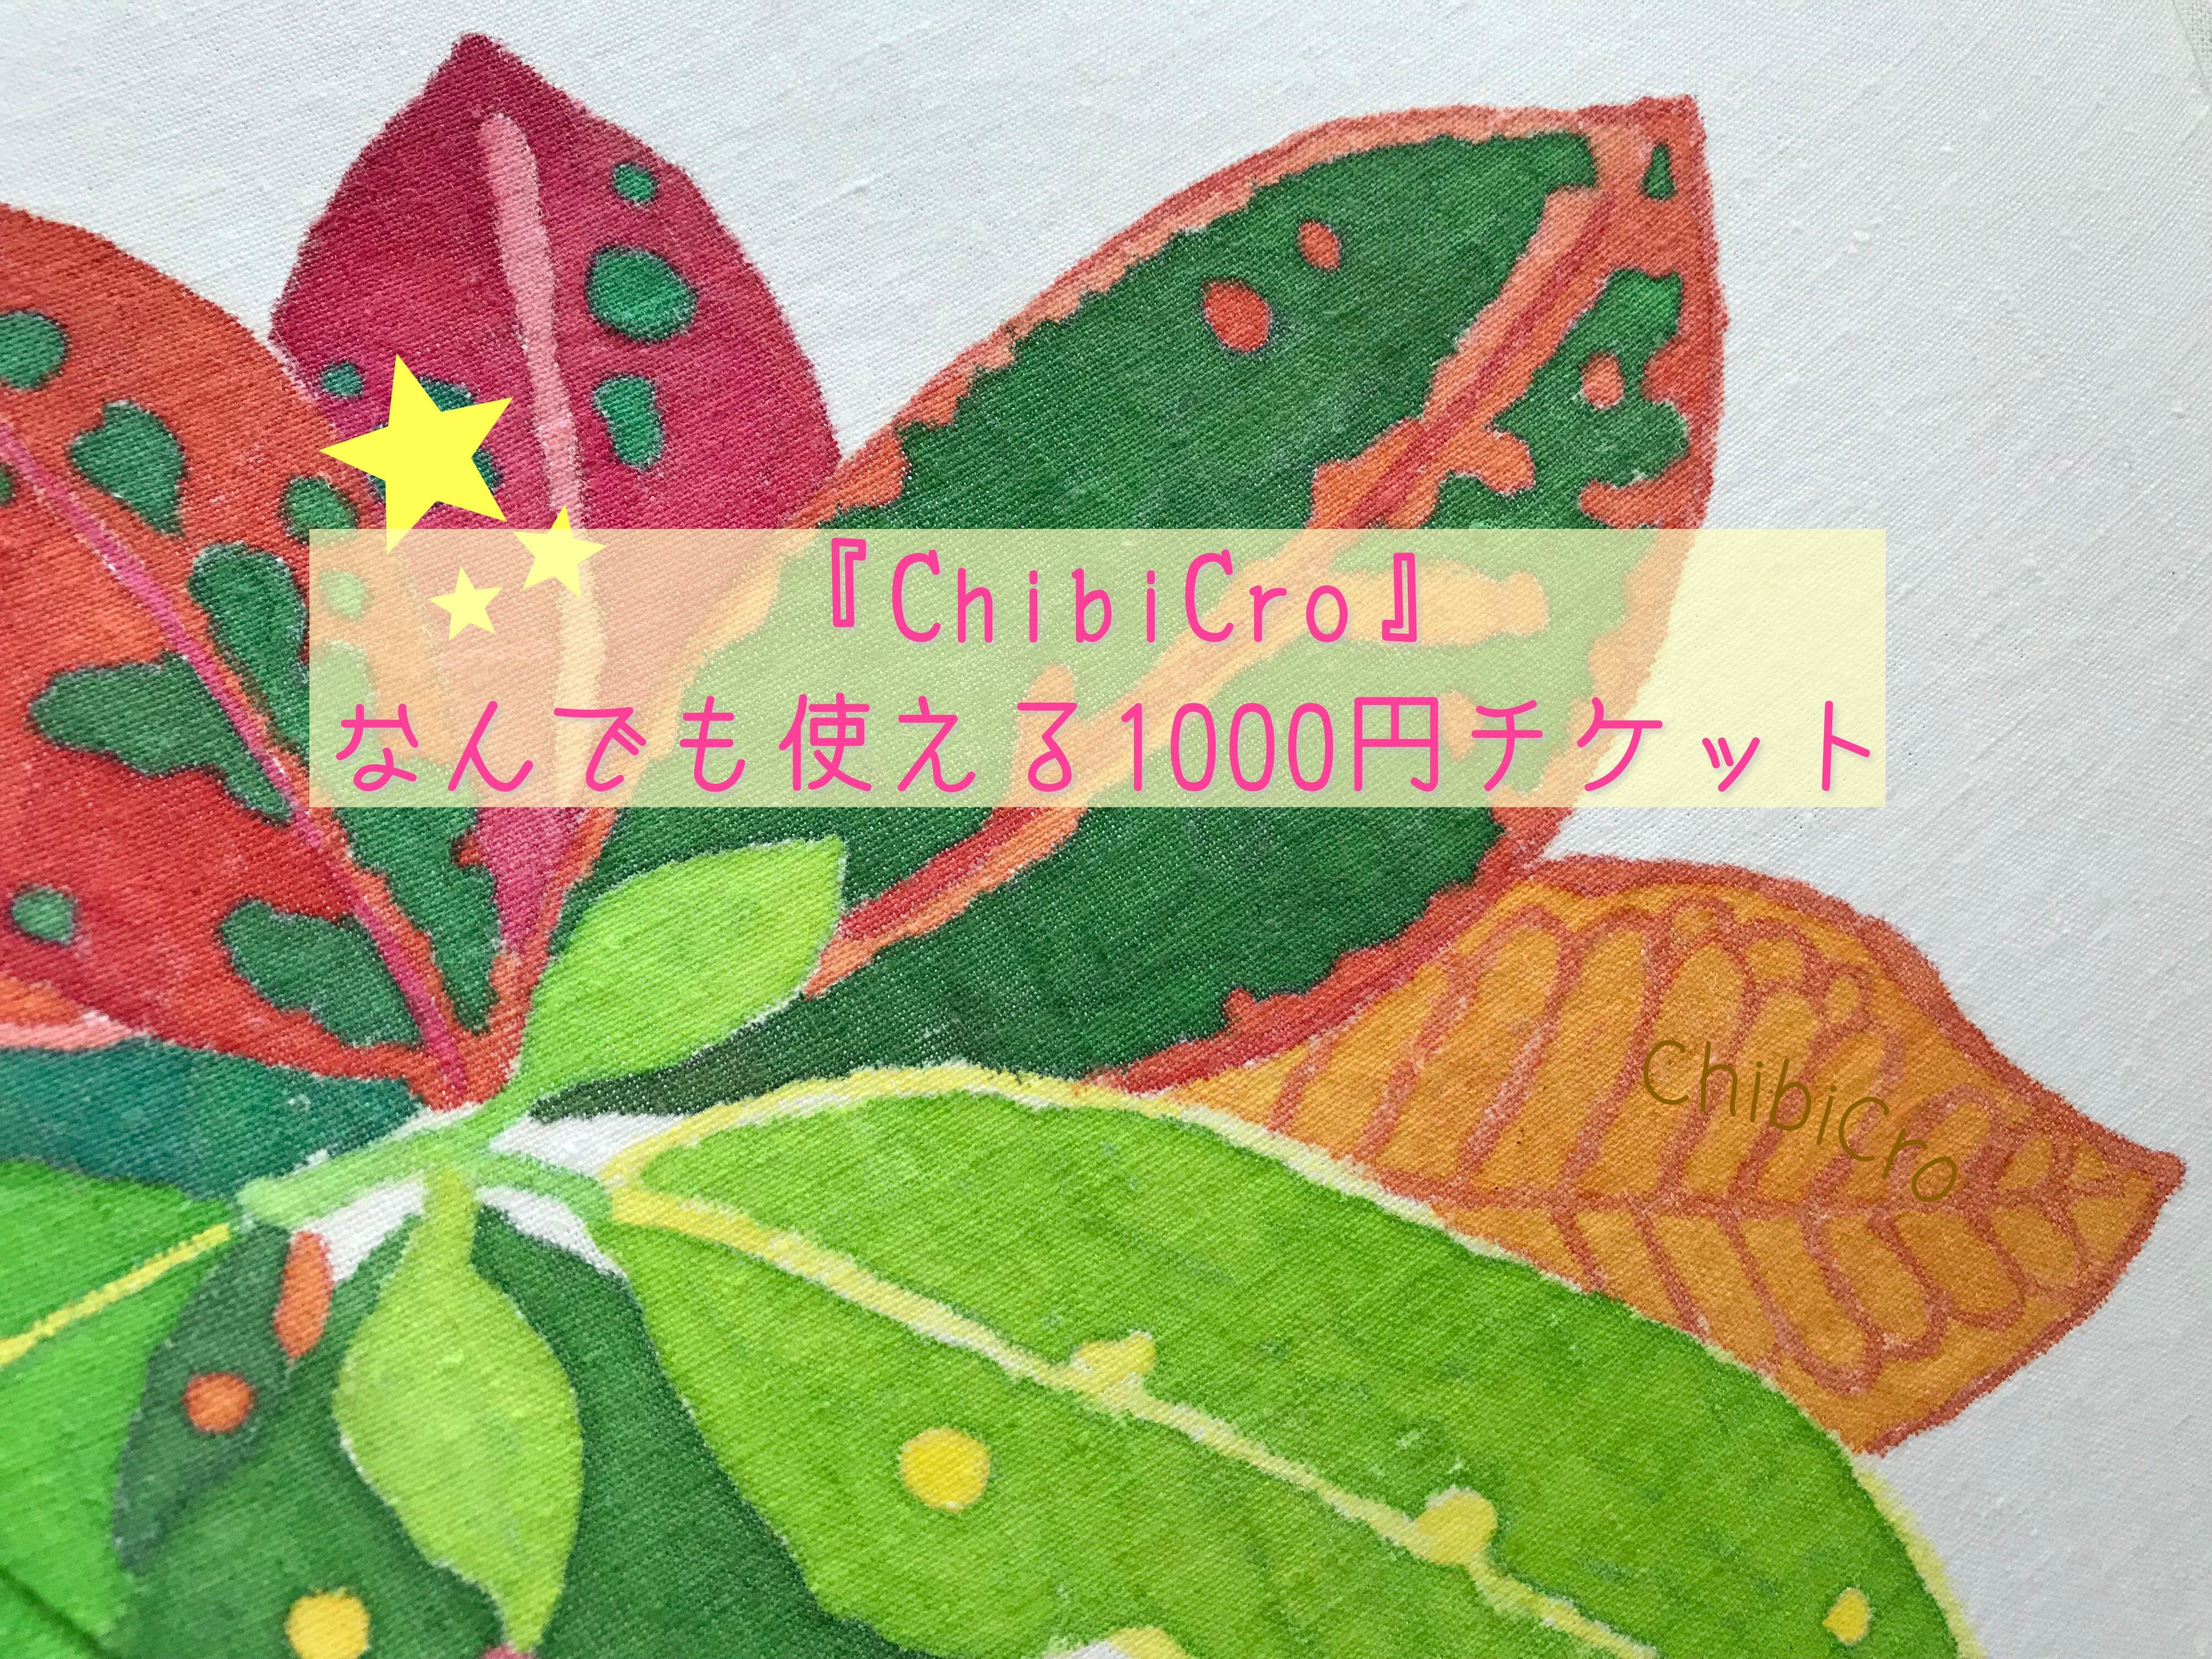 ChibiCroで何でも使える1000円チケットのイメージその1